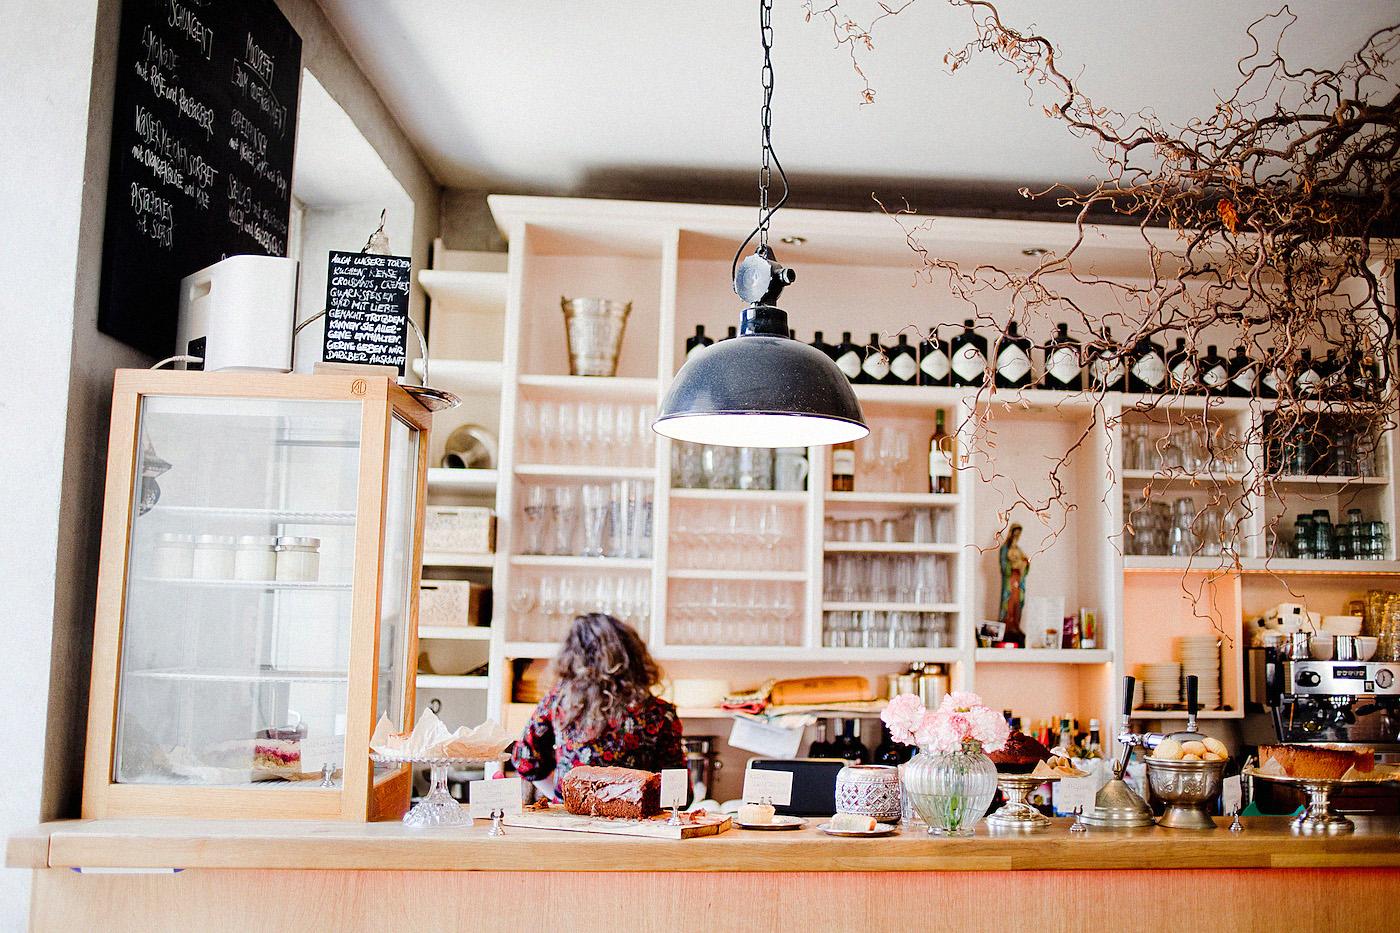 Das Maria Frühstücken München _ breakfast in Munich restaurant tipps München